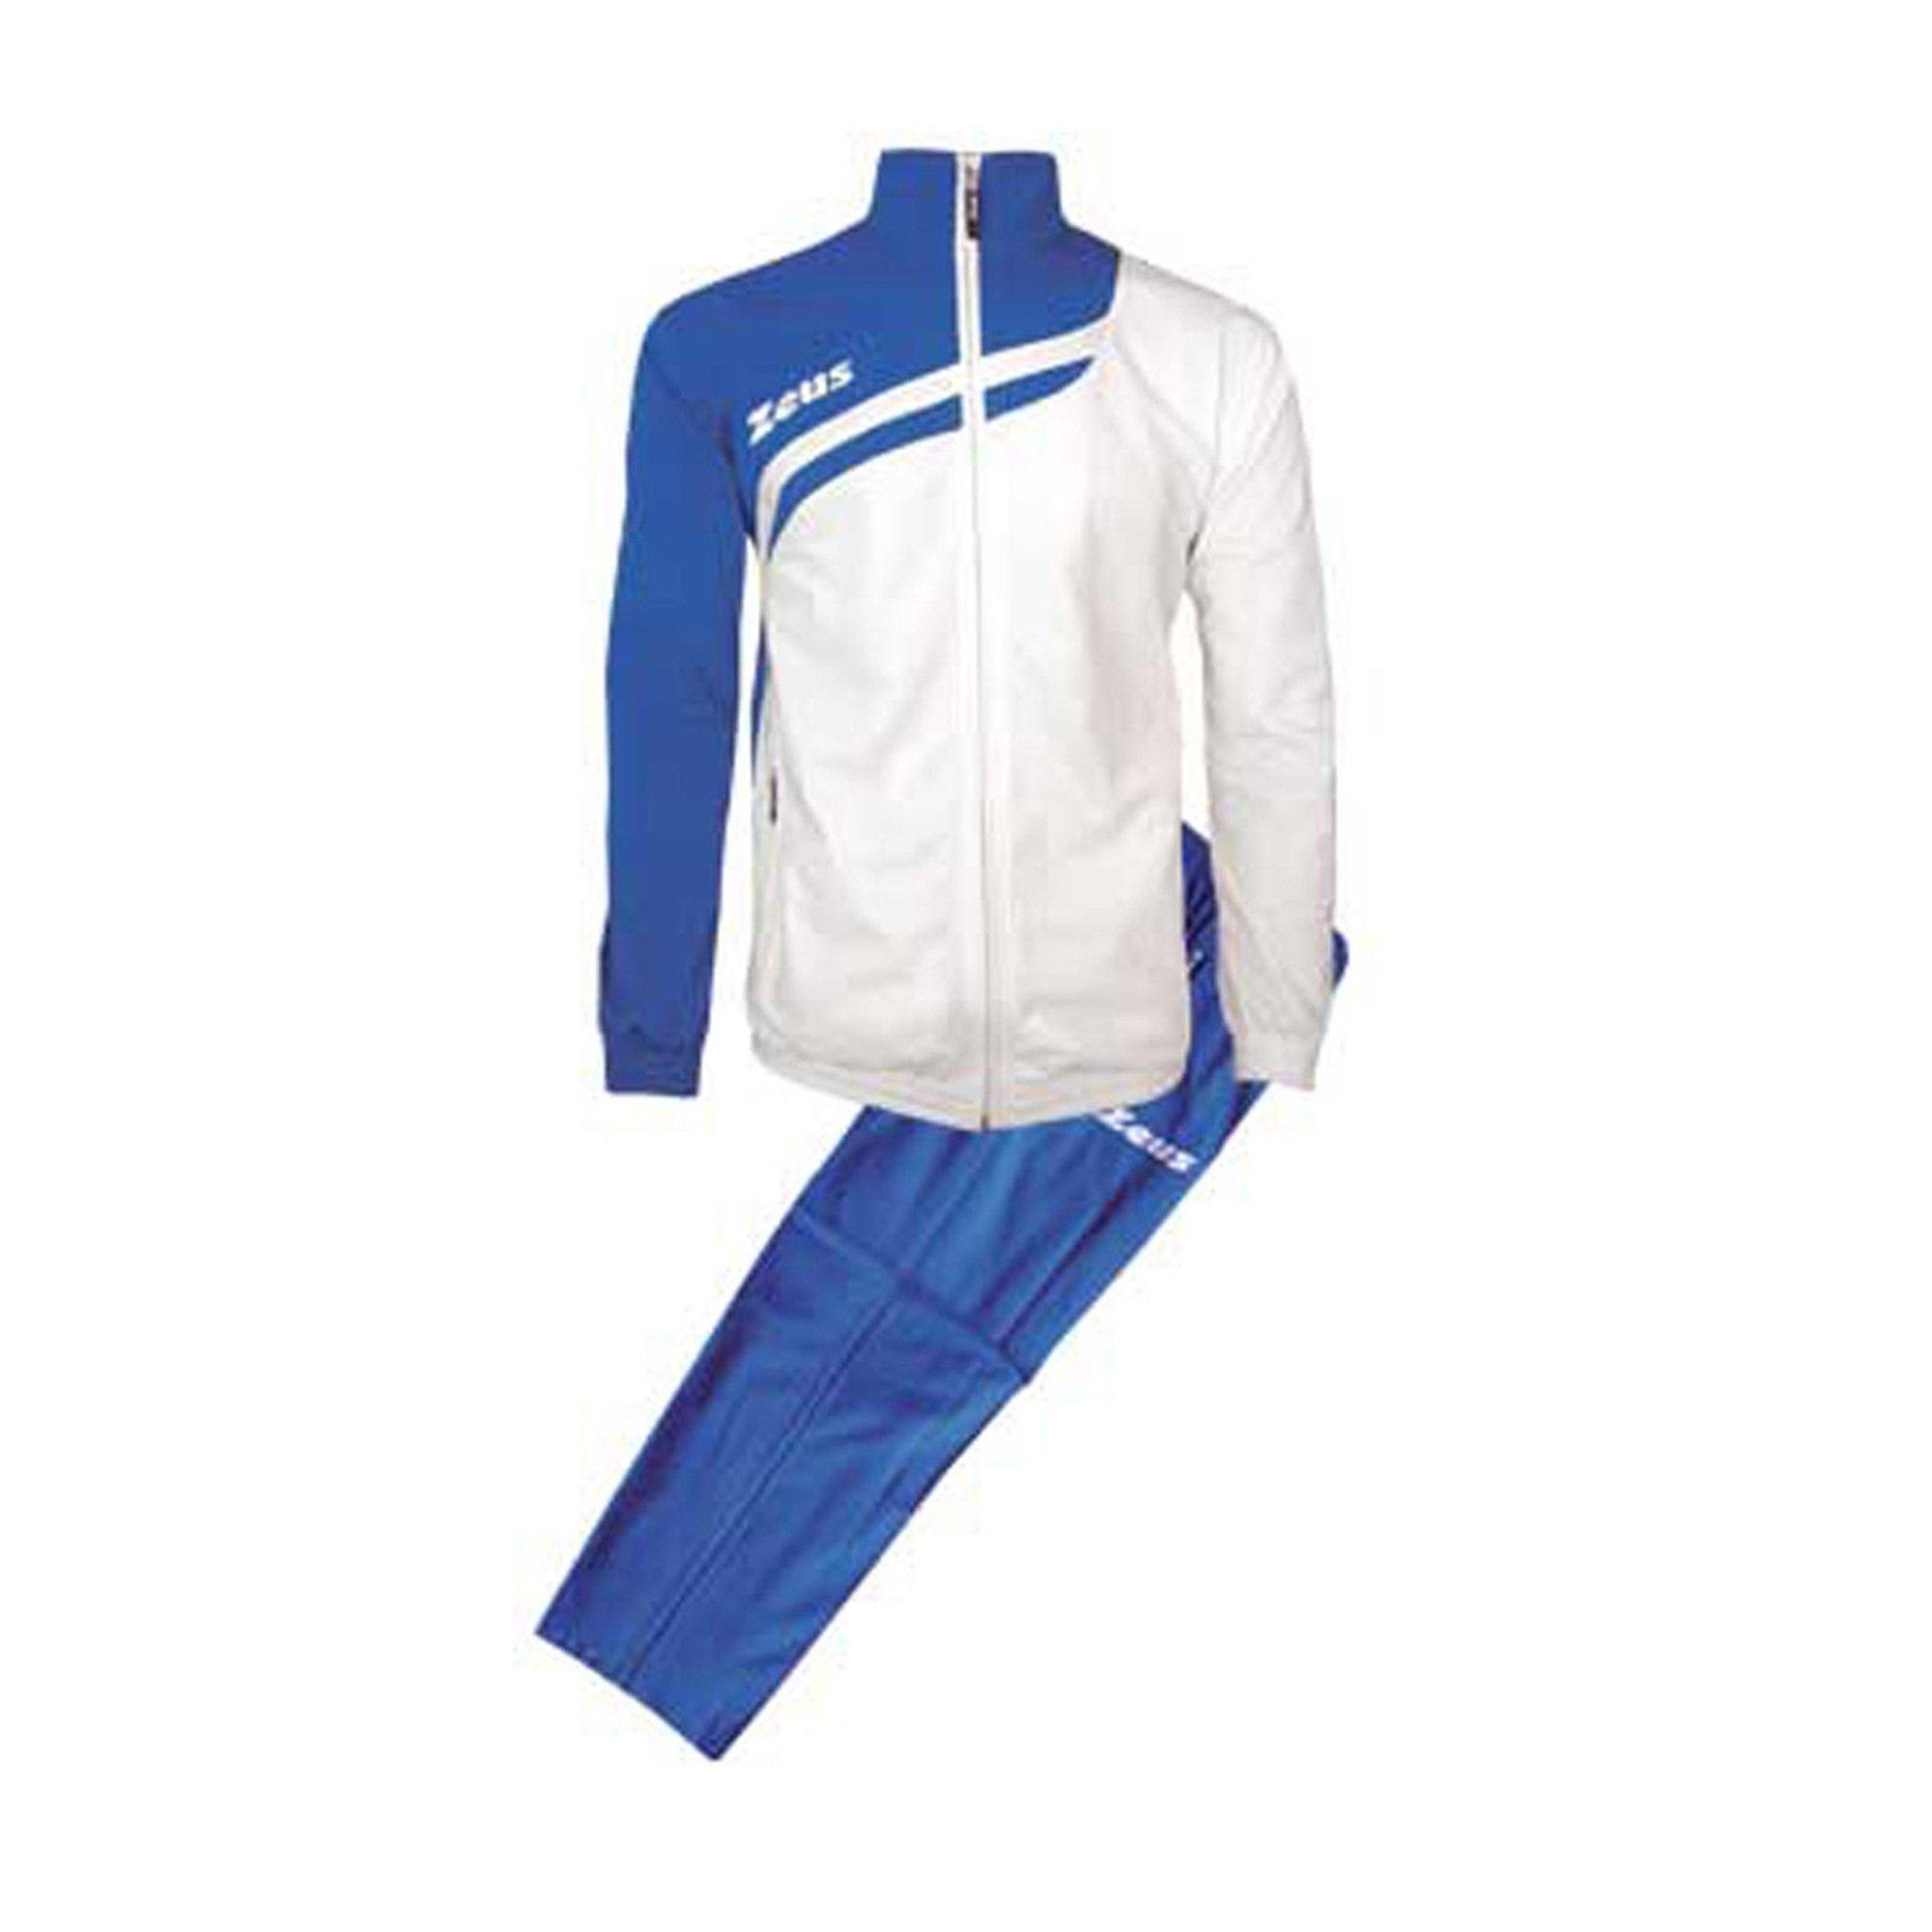 M Tuta Amilkare Granata-Blu Zeus Corsa Sport Uomo Staff Running jogging Allenamento Relax Calcio Calcetto Torneo Scuola Sport